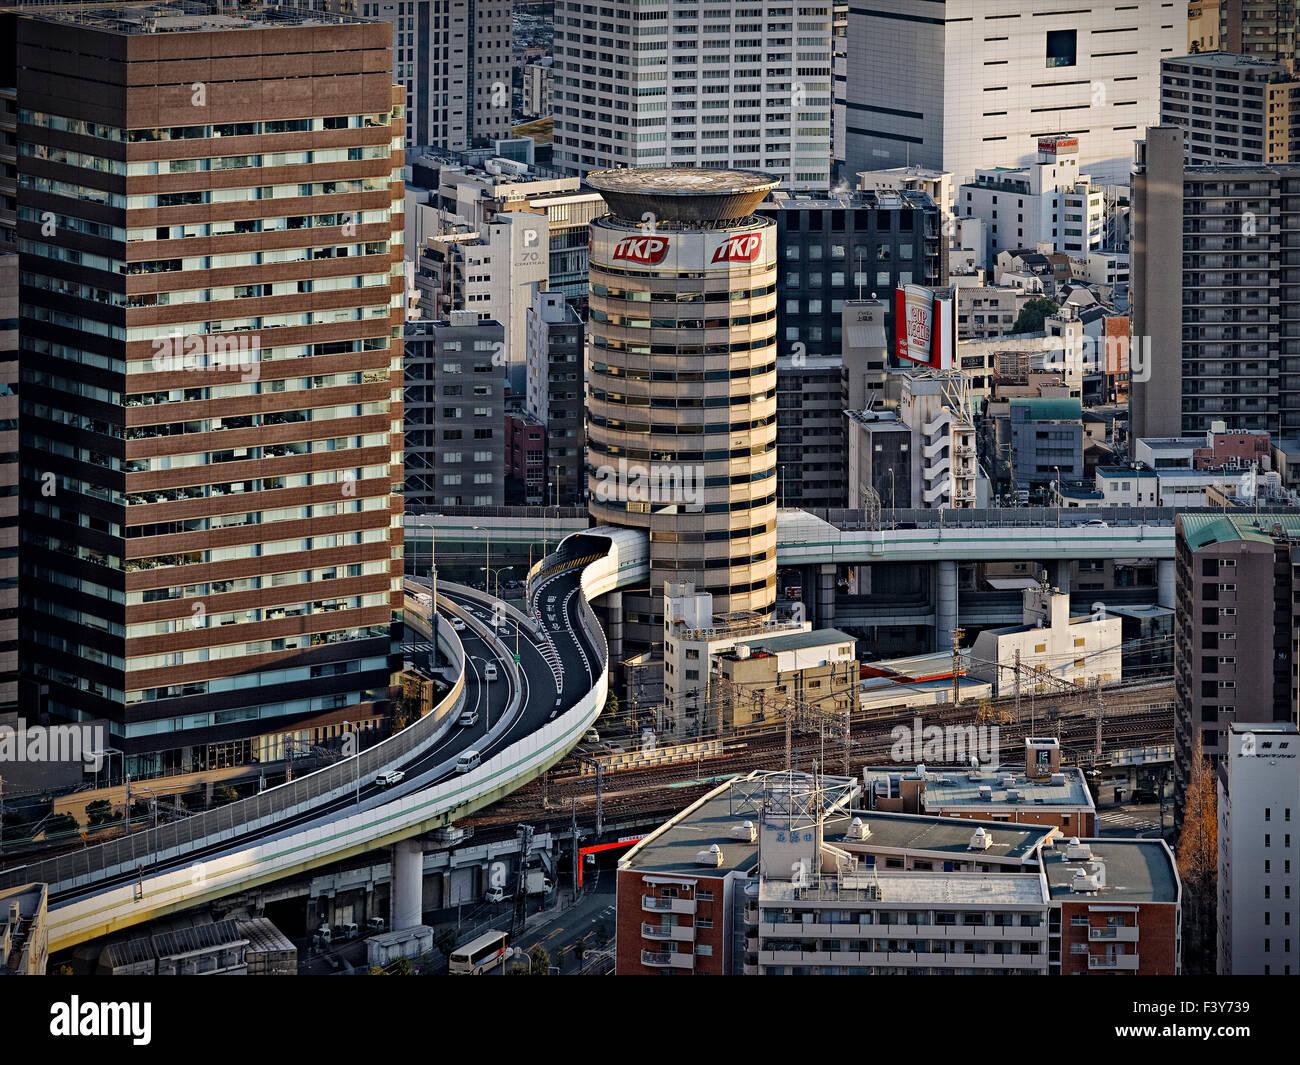 Giappone, isola di Honshu, Kansai di Osaka, le strade e gli edifici del centro. Immagini Stock